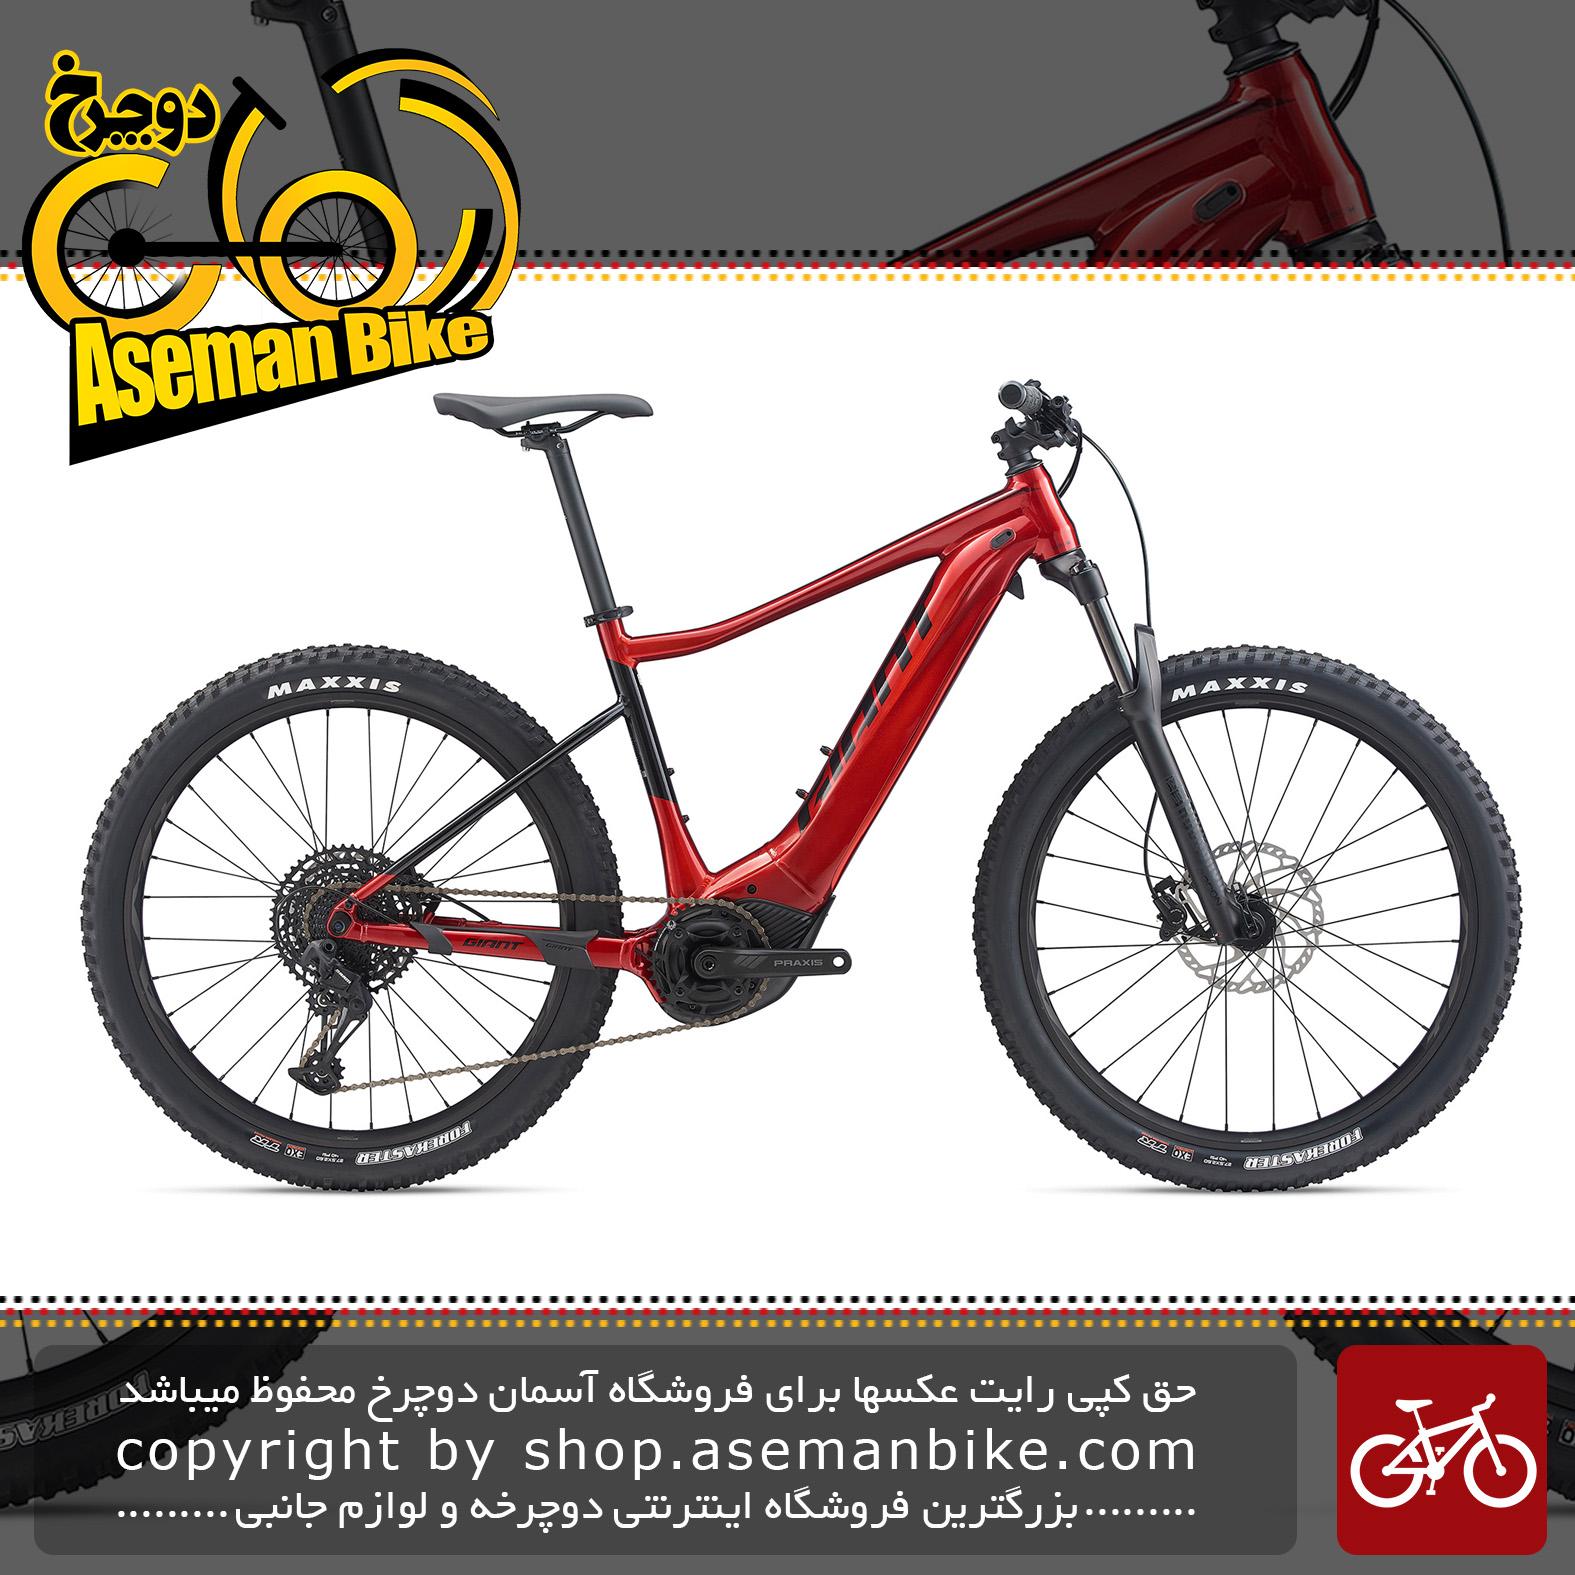 دوچرخه کوهستان برقی جاینت مدل فدم ای پلاس 1 پرو 29 2020 Giant Mountain Bicycle Fathom E+ 1 Pro 29 2020